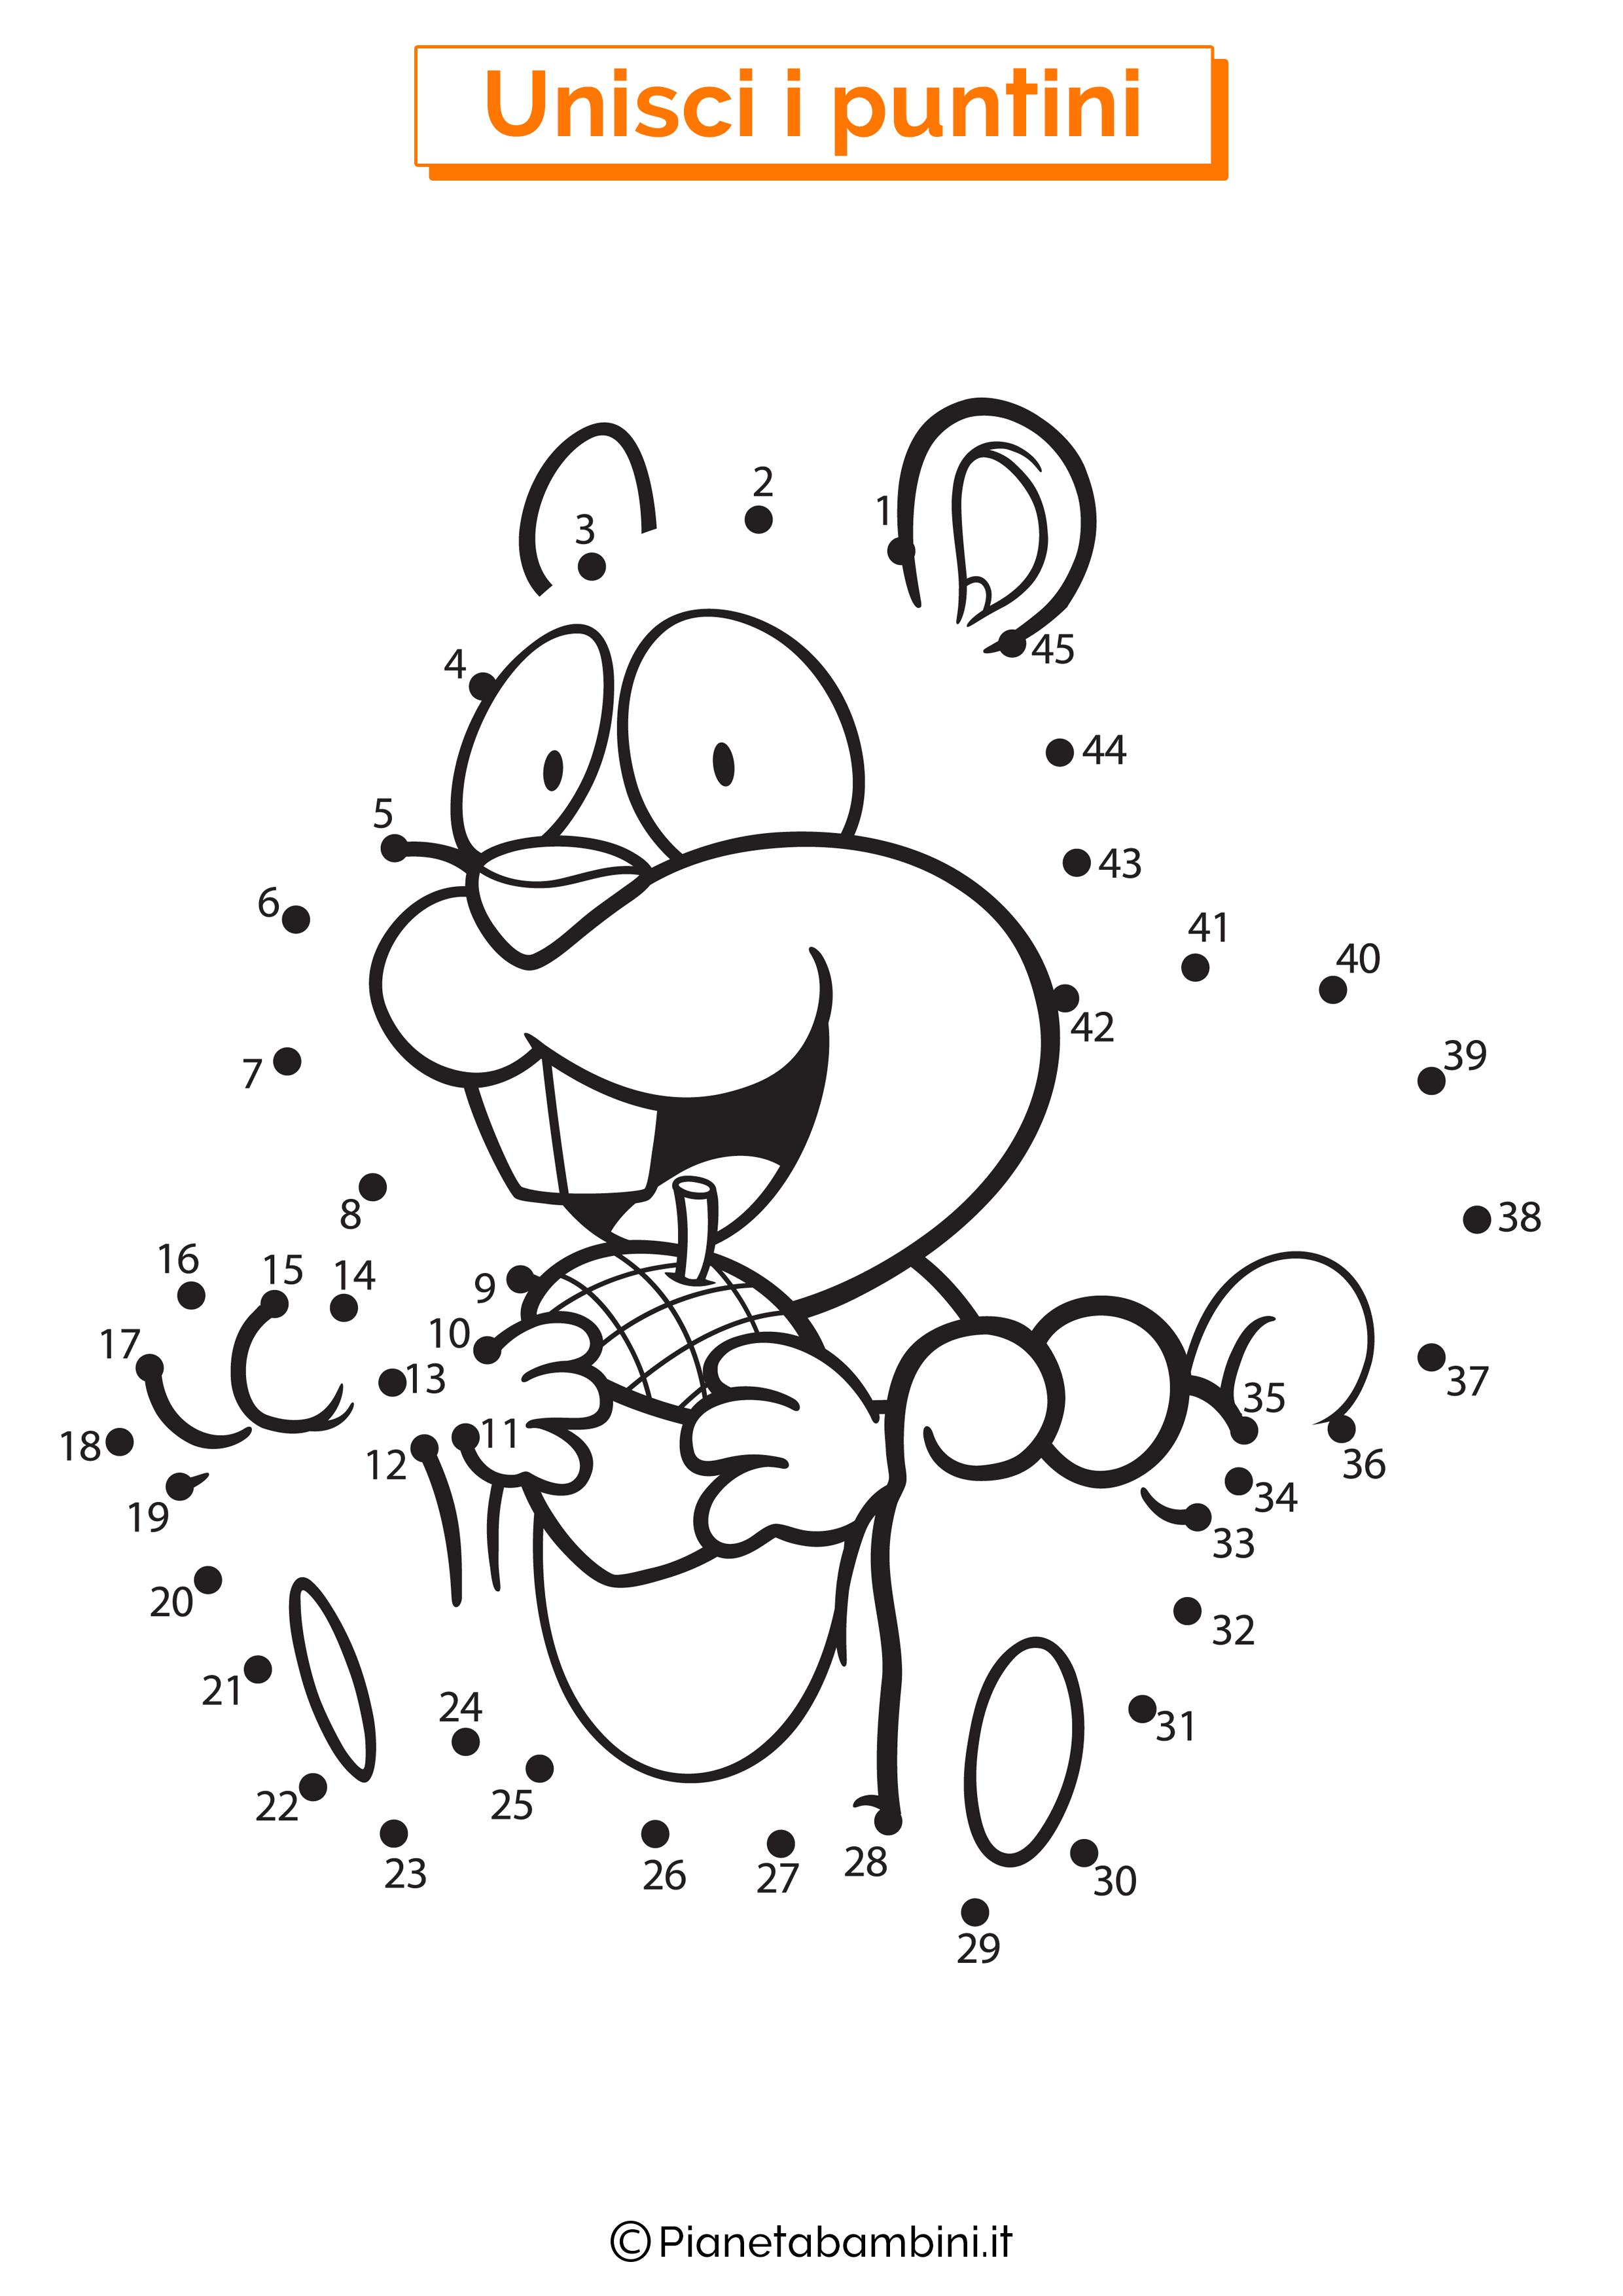 Disegno unisci i puntini 1-40 scoiattolo